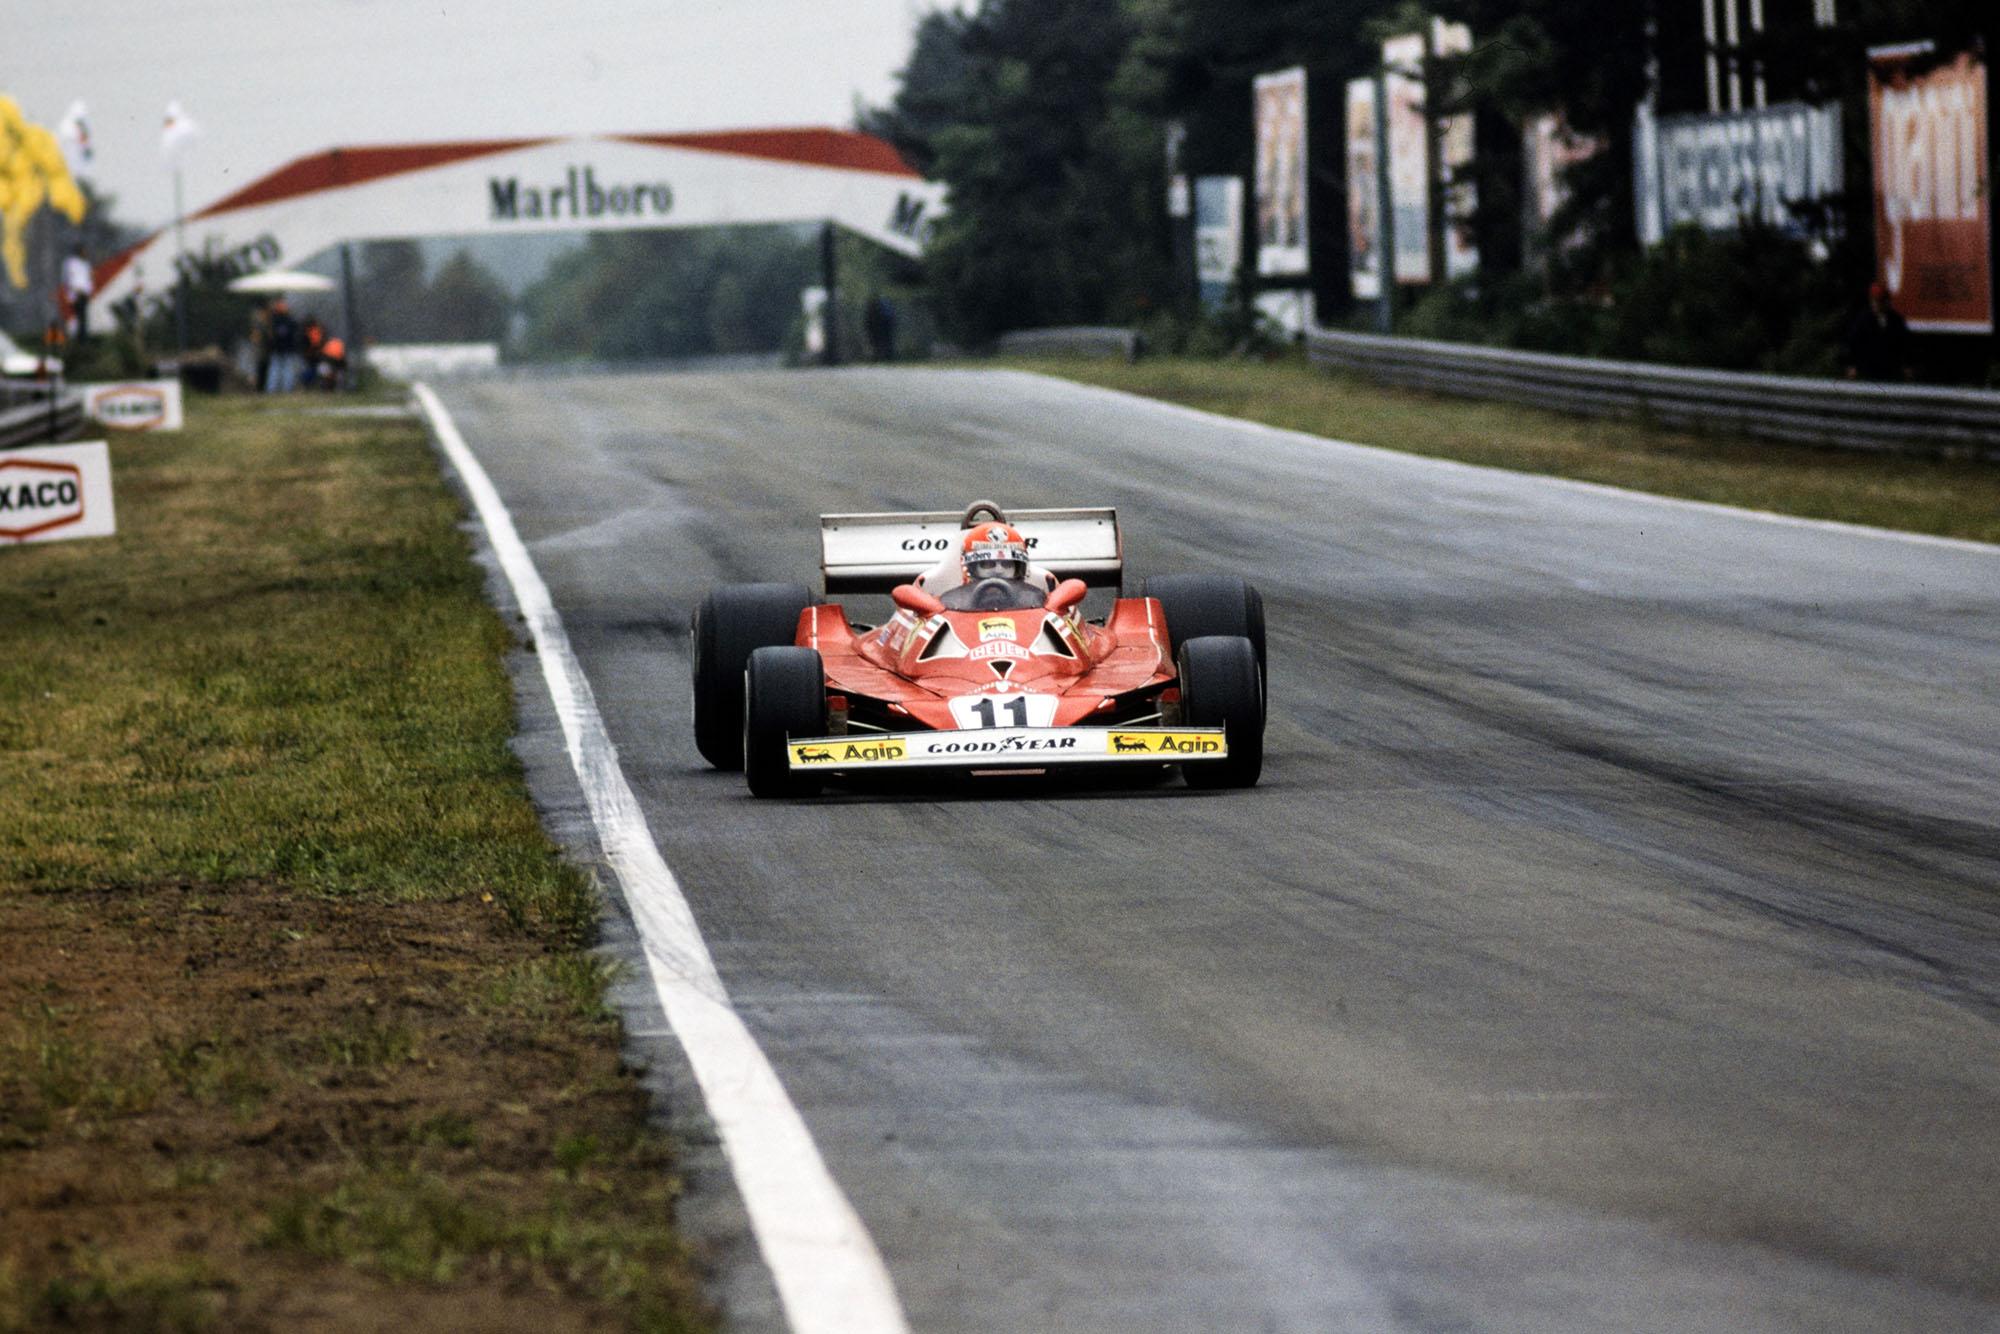 Niki Lauda (Ferrari) at the 1977 Belgian Grand Prix, Zolder.